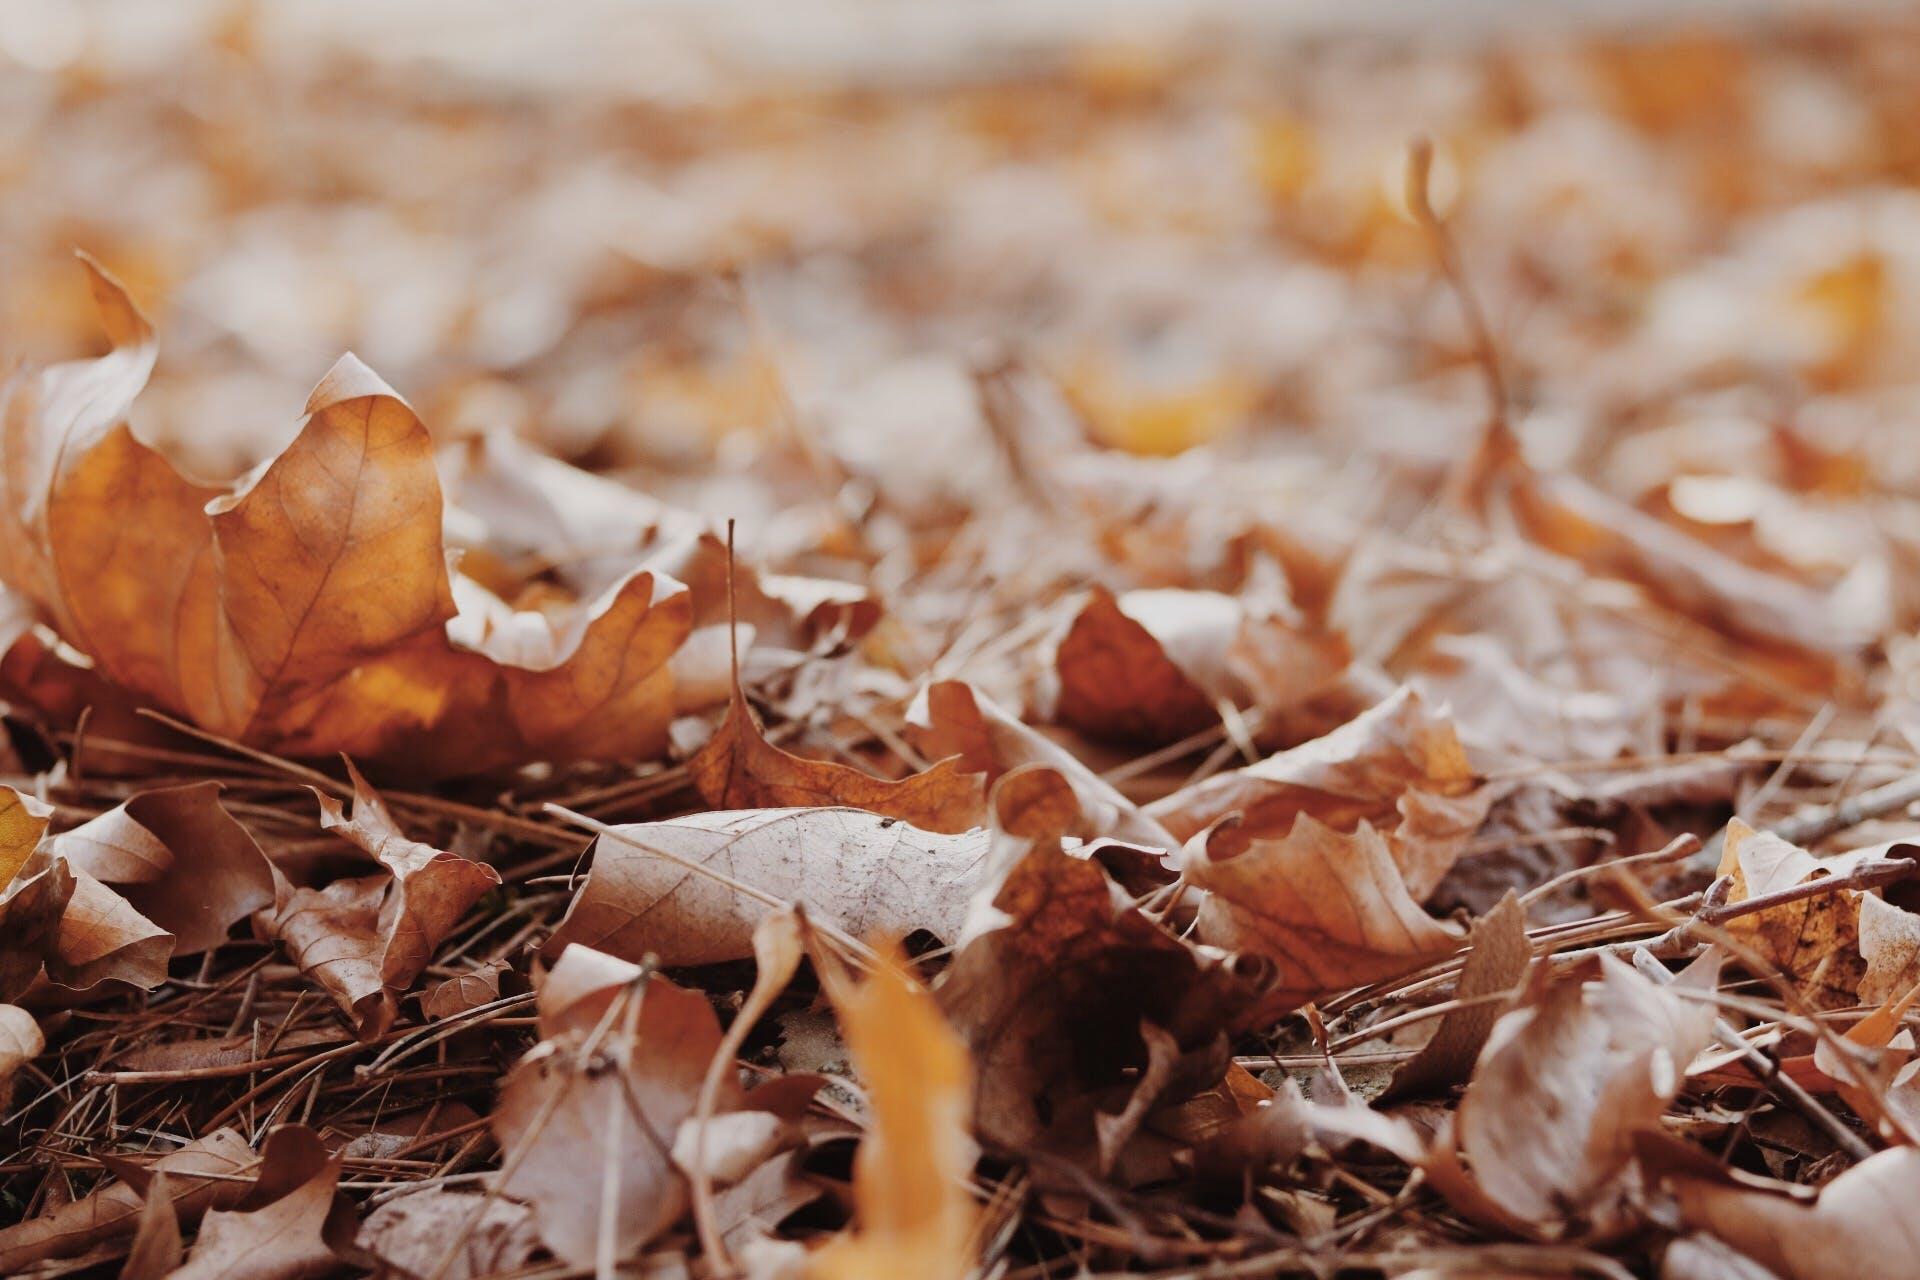 Ilmainen kuvapankkikuva tunnisteilla jauhettu, kuiva, kuivat lehdet, kuvan syvyys